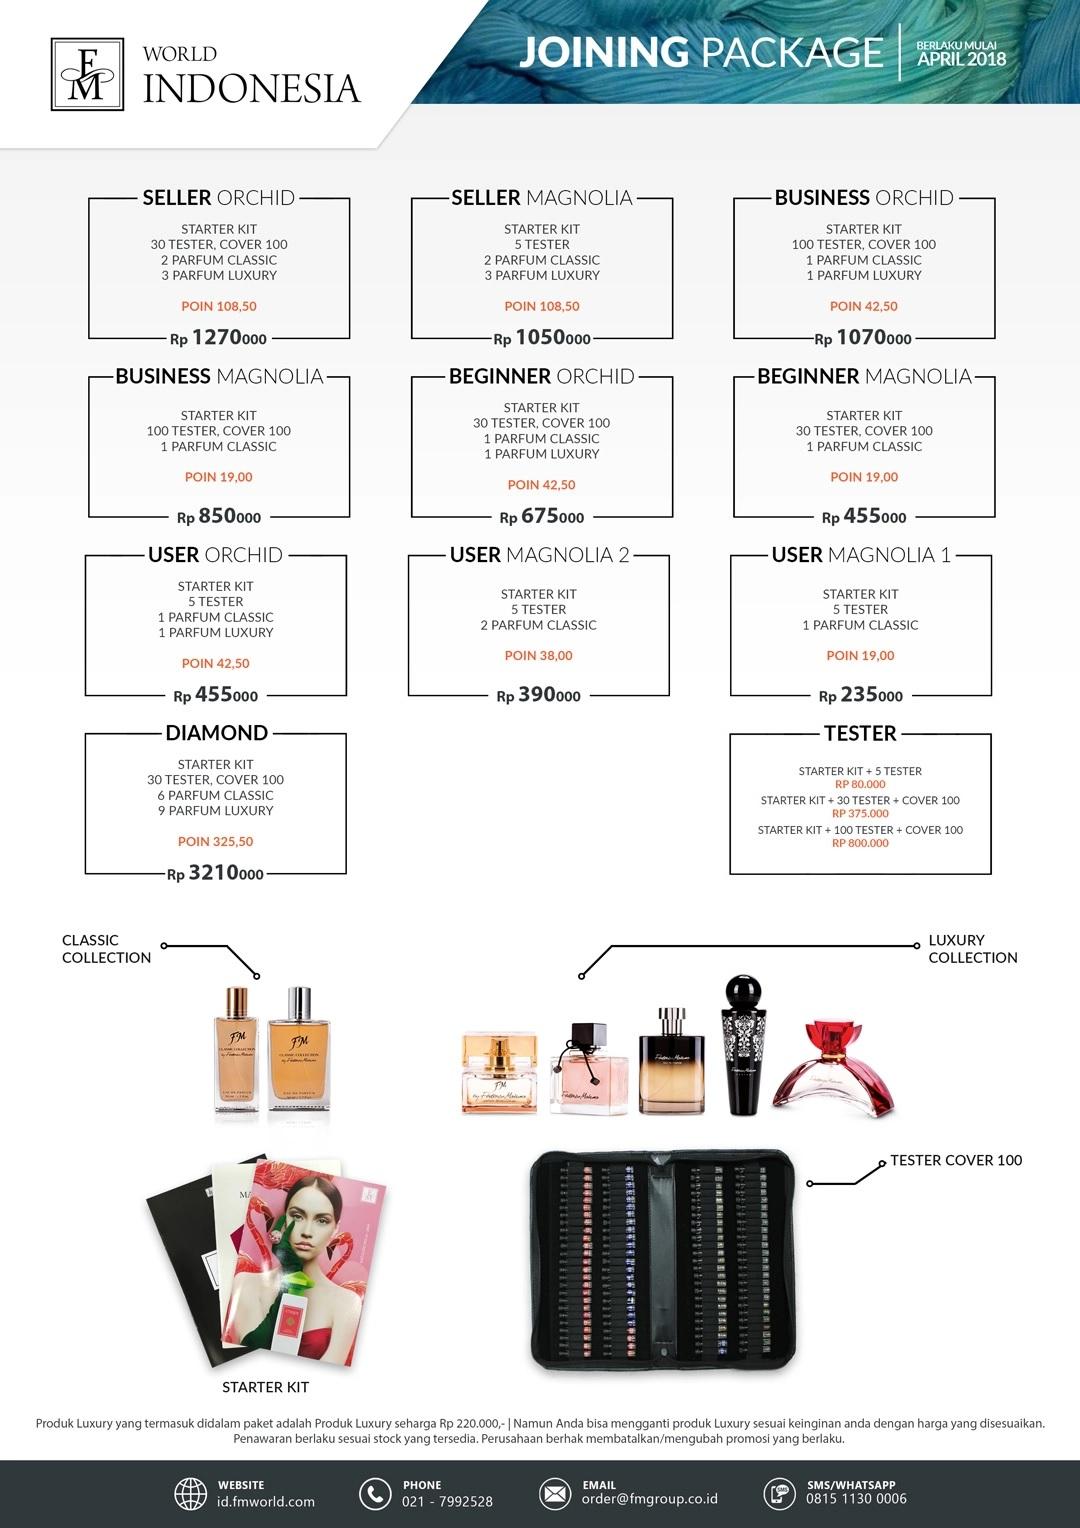 cara join parfum fm, cara jadi agen parfum fm, cara jadi reseller parfum fm, cara jadi distributor parfum fm, cara jadi member parfum fm, formulir registrasi parfum fm